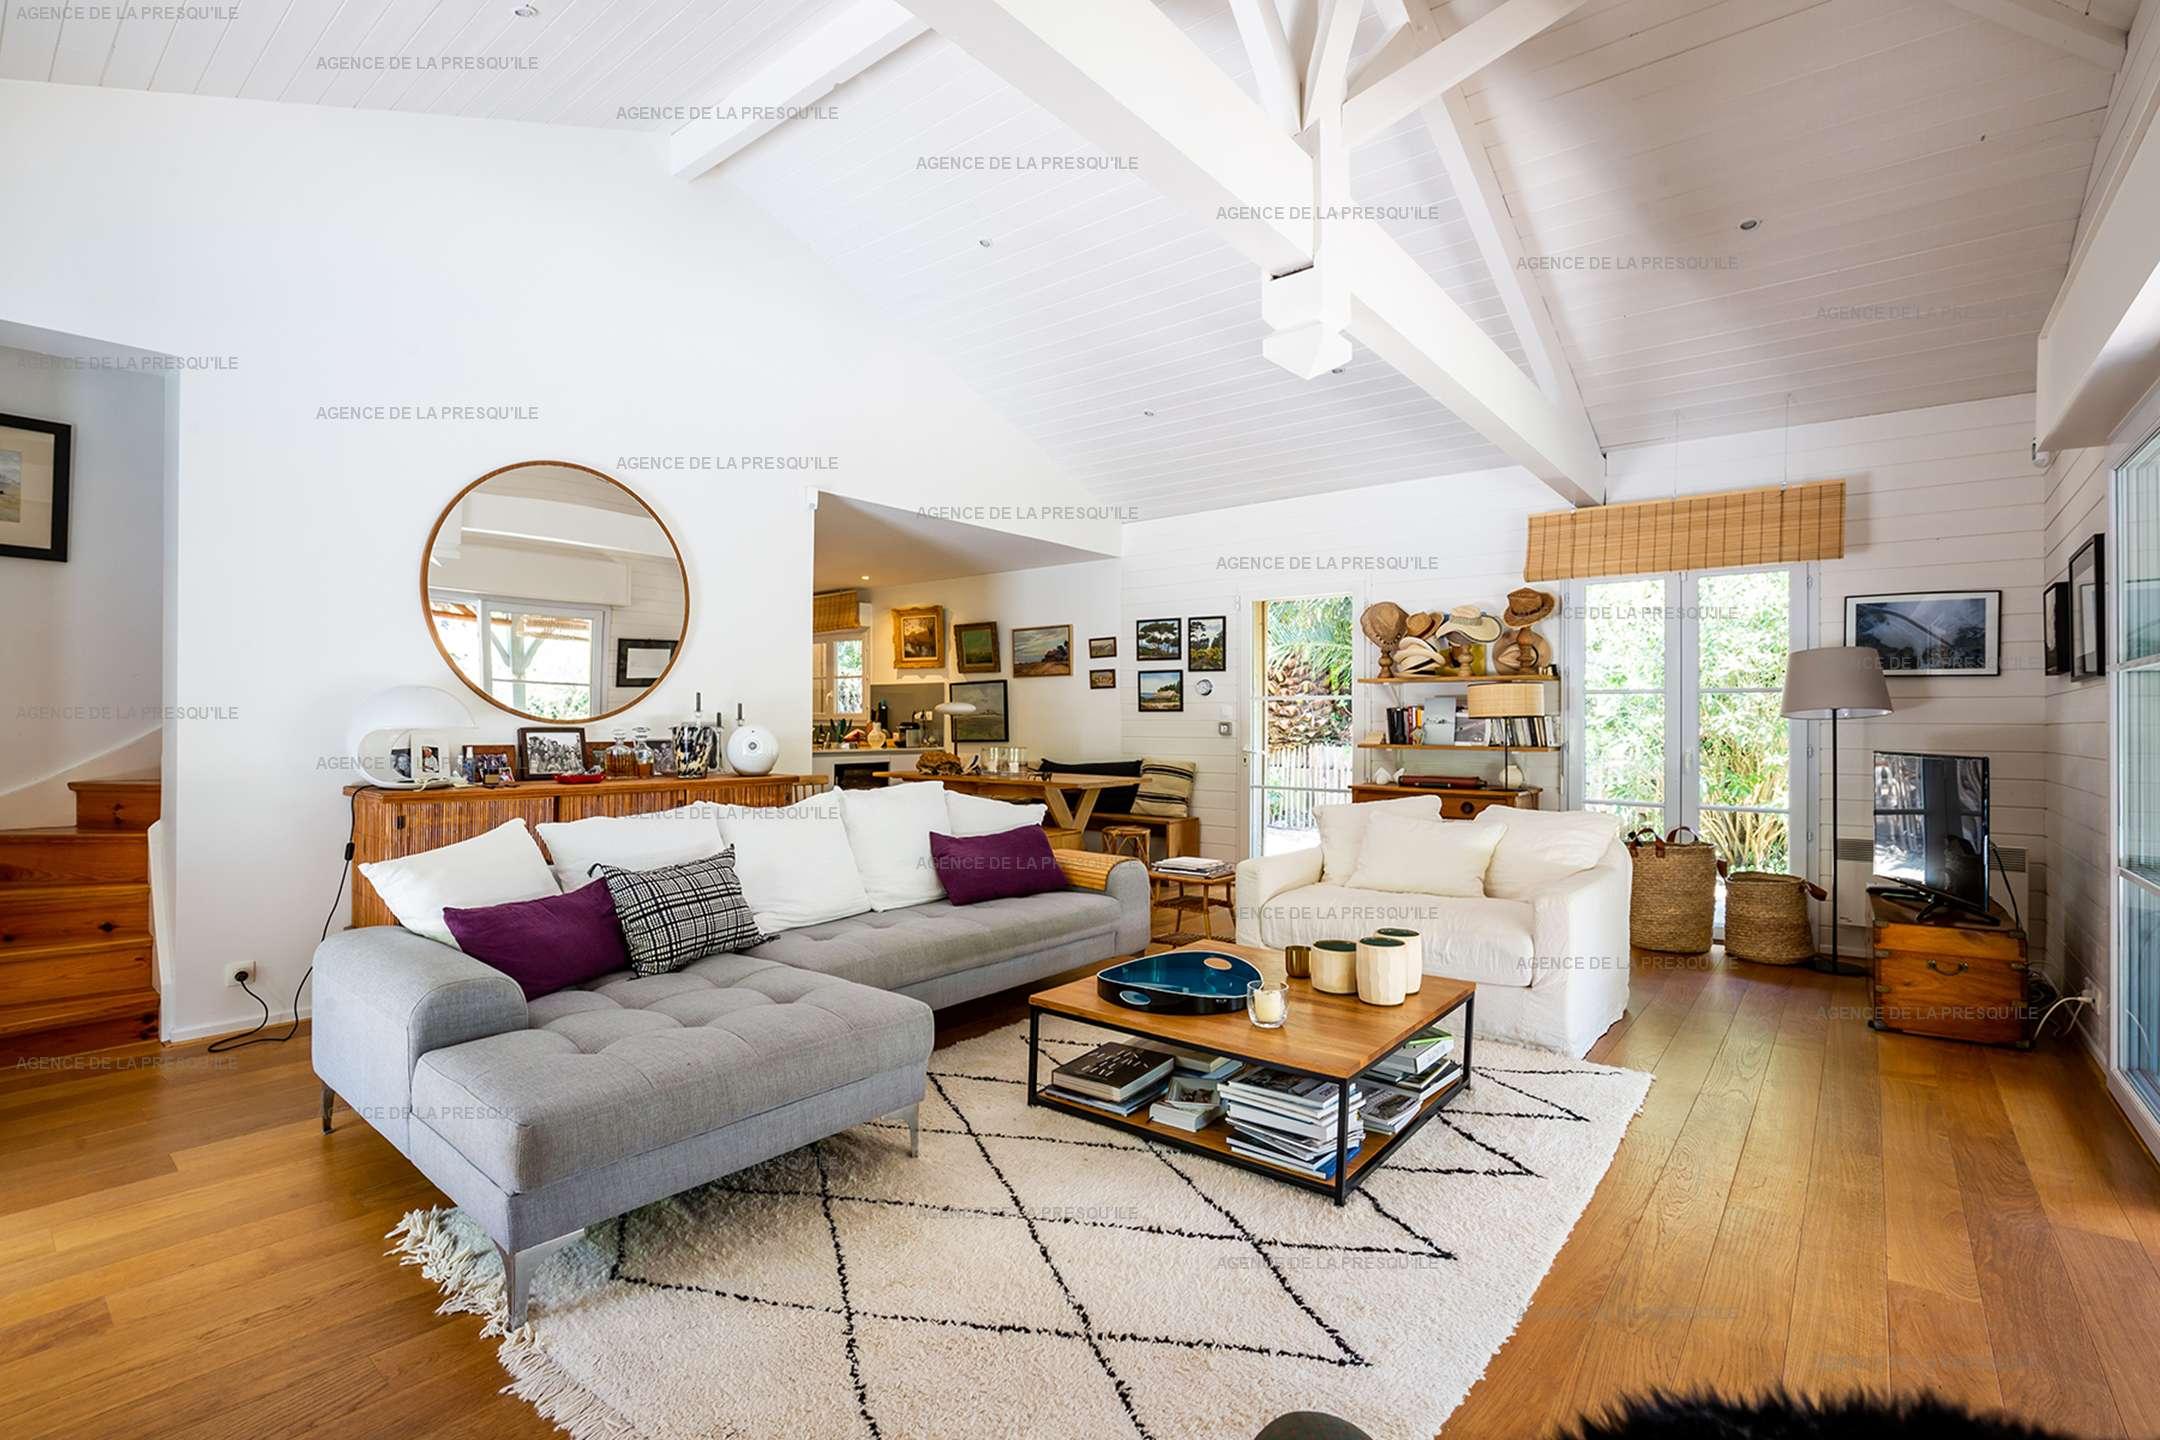 Location: Très jolie villa en bordure de forêt avec piscine 3